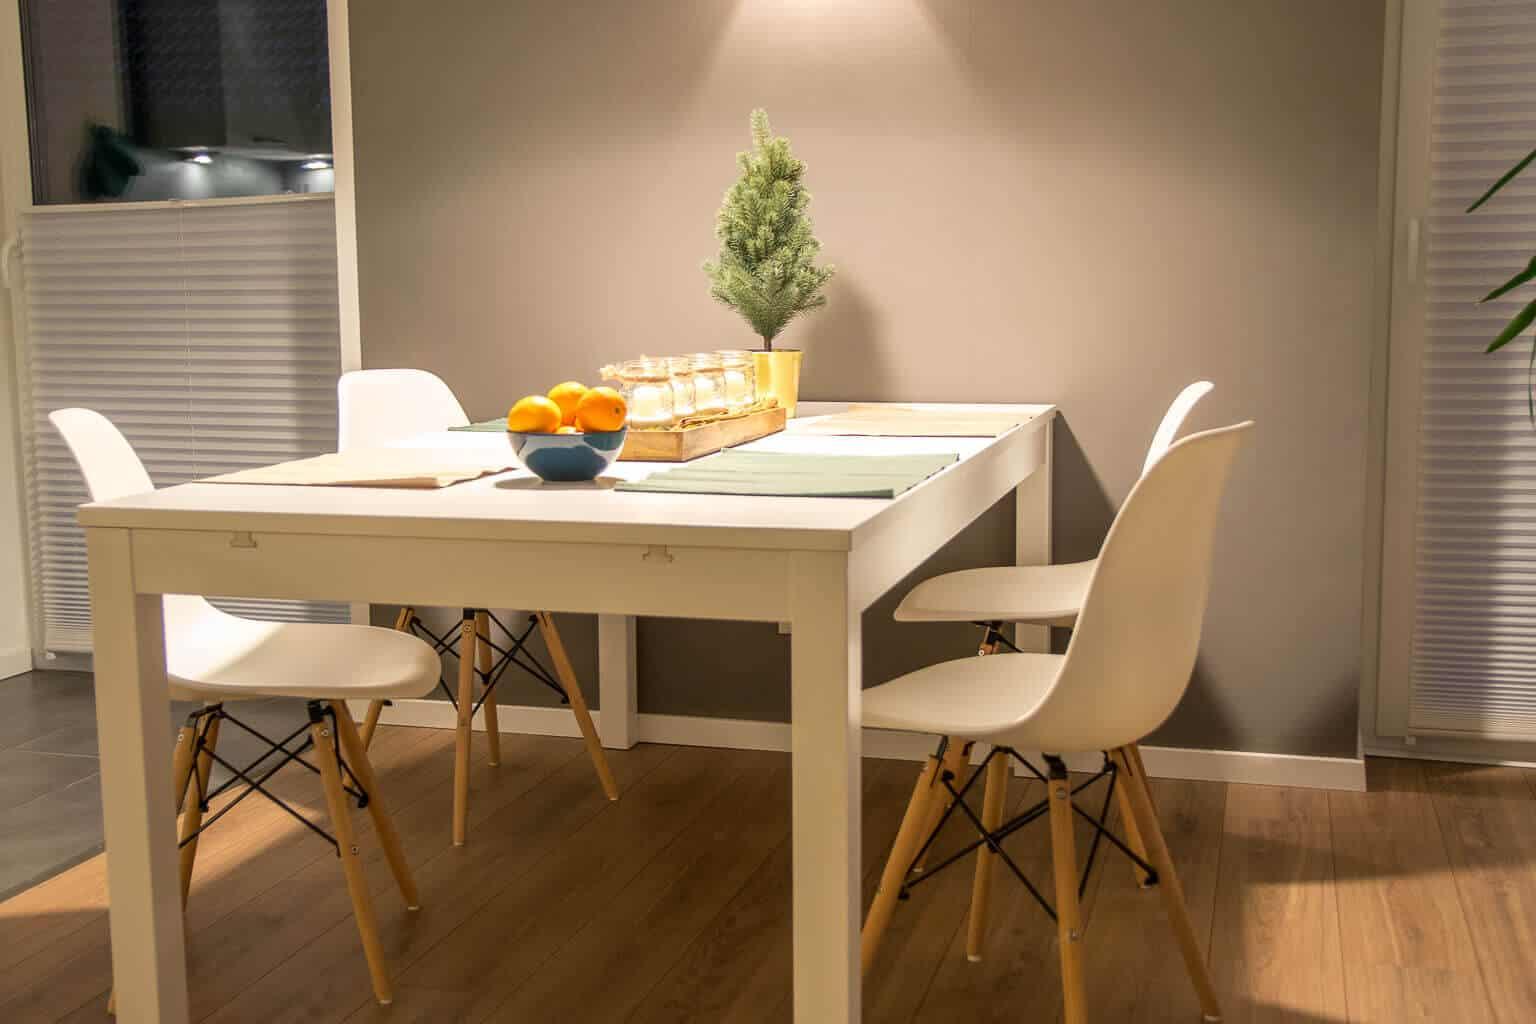 Esszimmerstühle im skandinavischen Stil passen super in unser Wohnzimmer und sind sau bequem